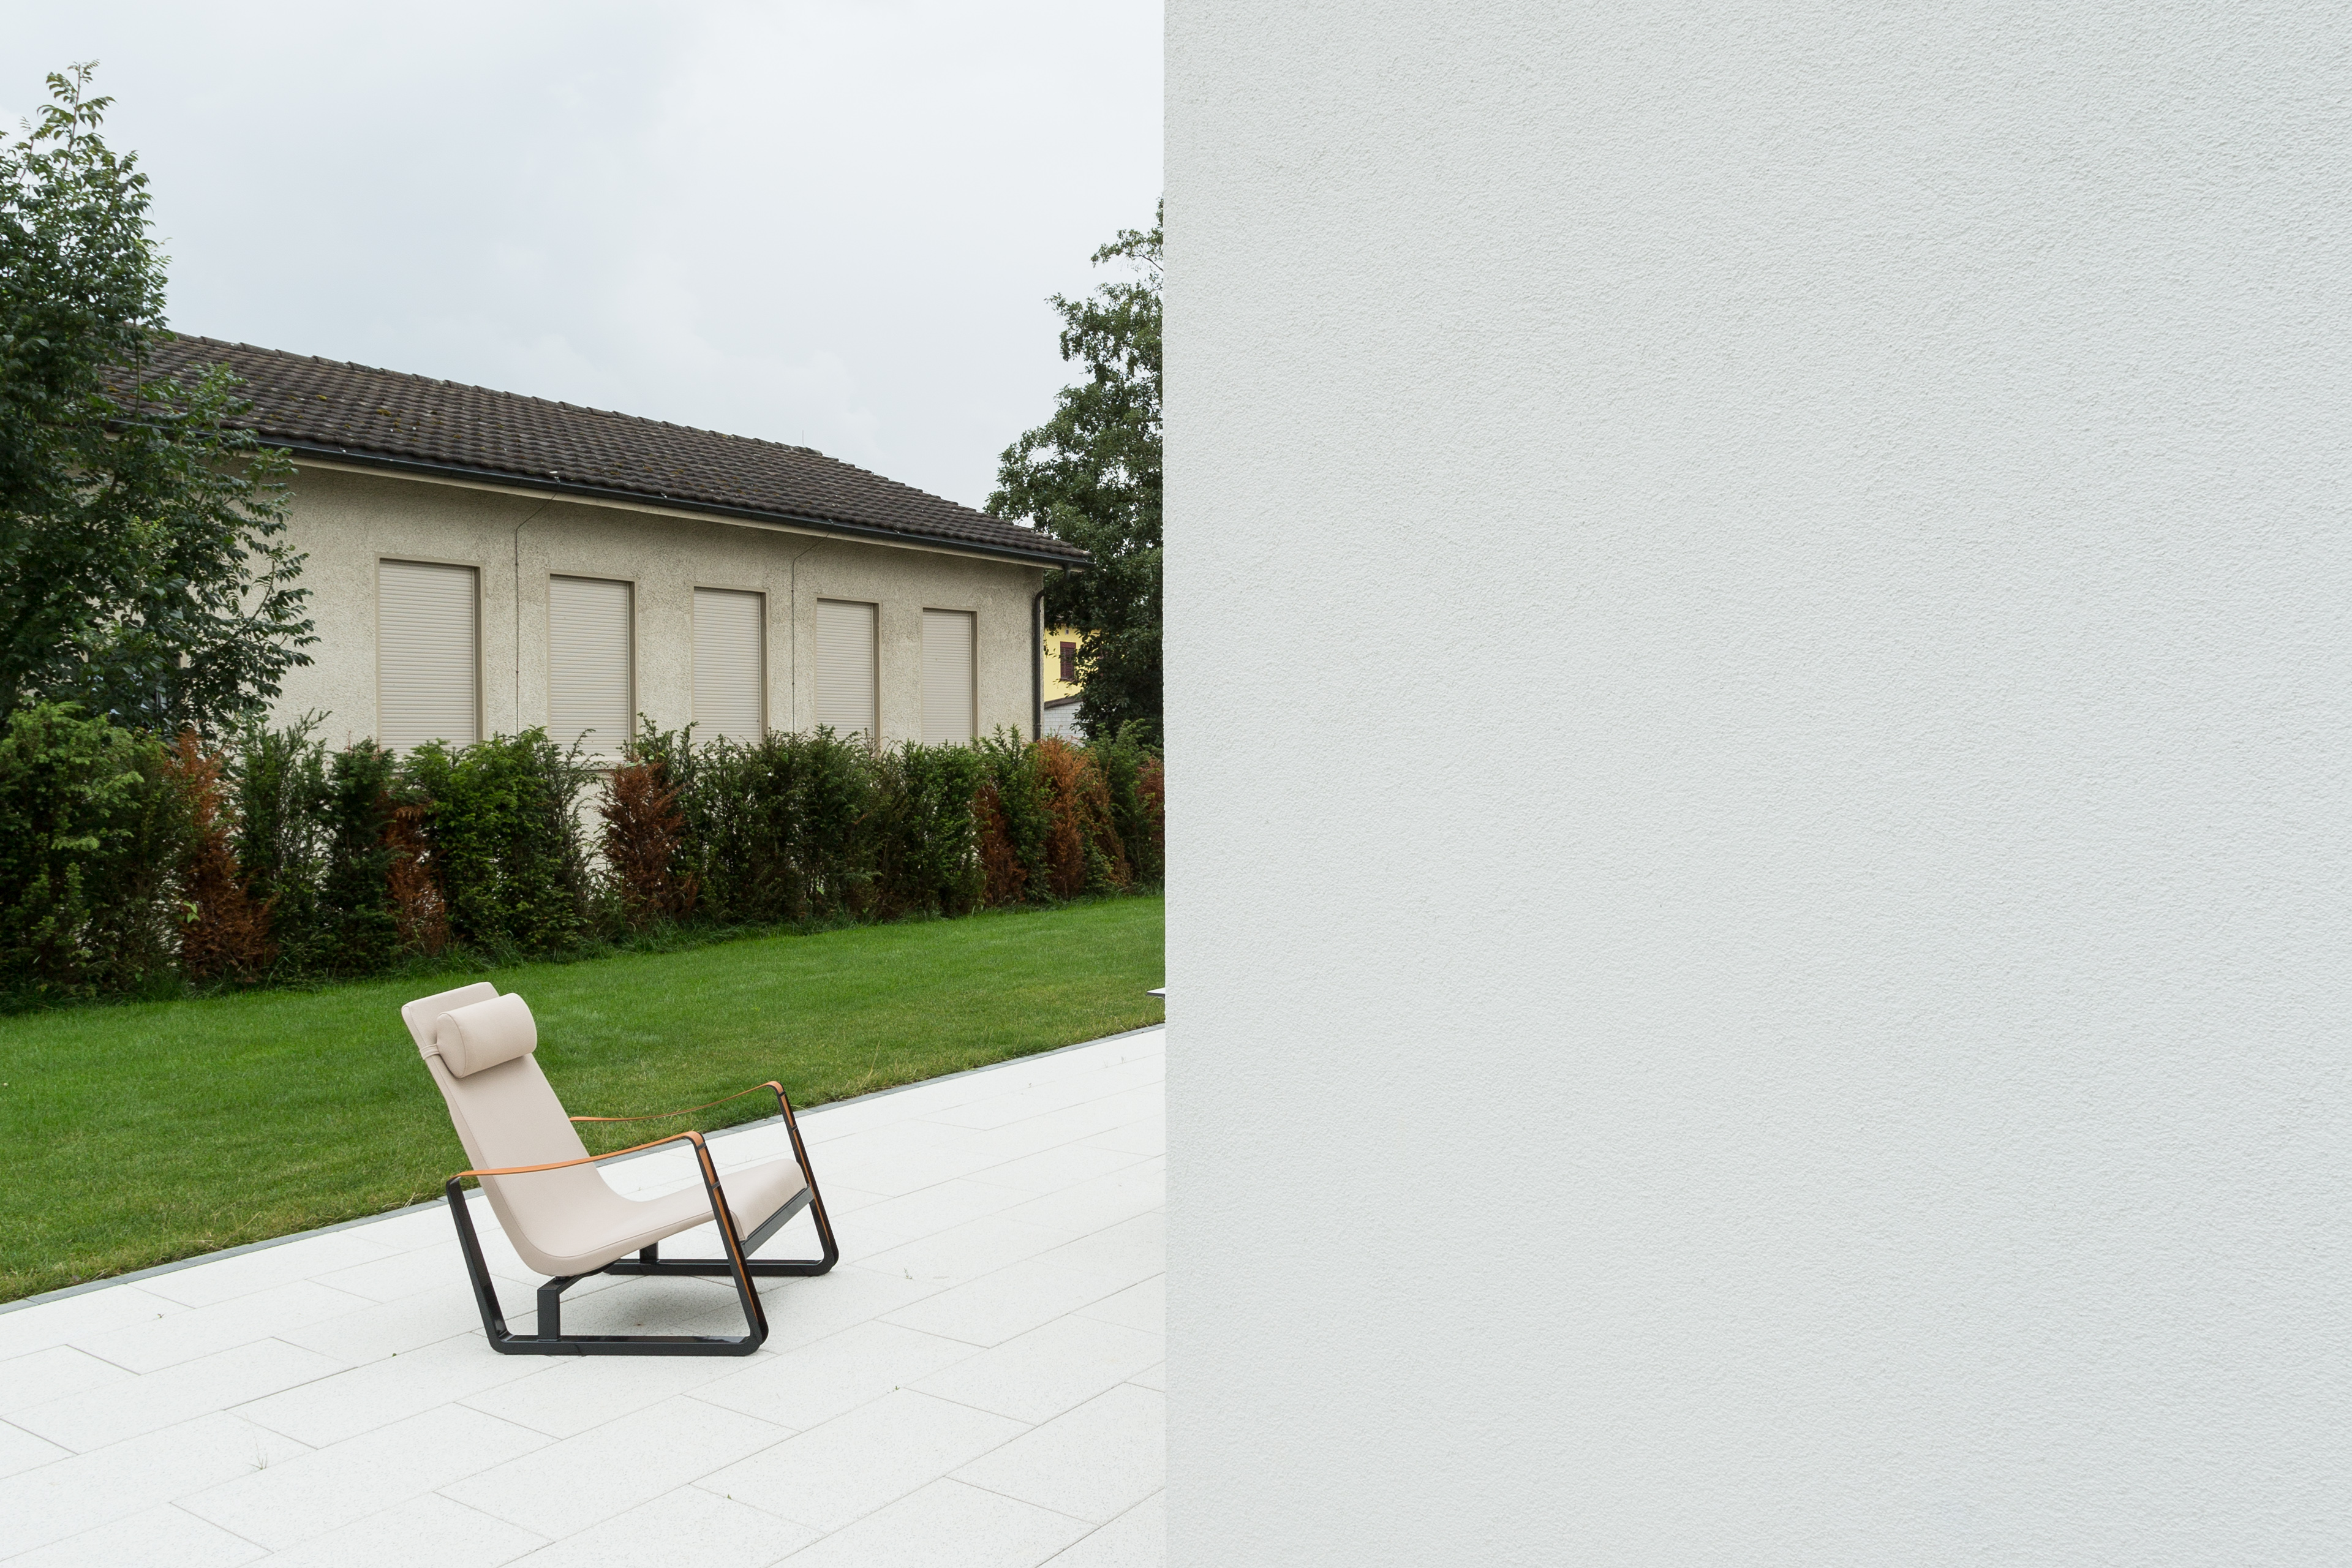 New House in Erlen Switzerland - LAG Architekten, photo Alberto Canepa